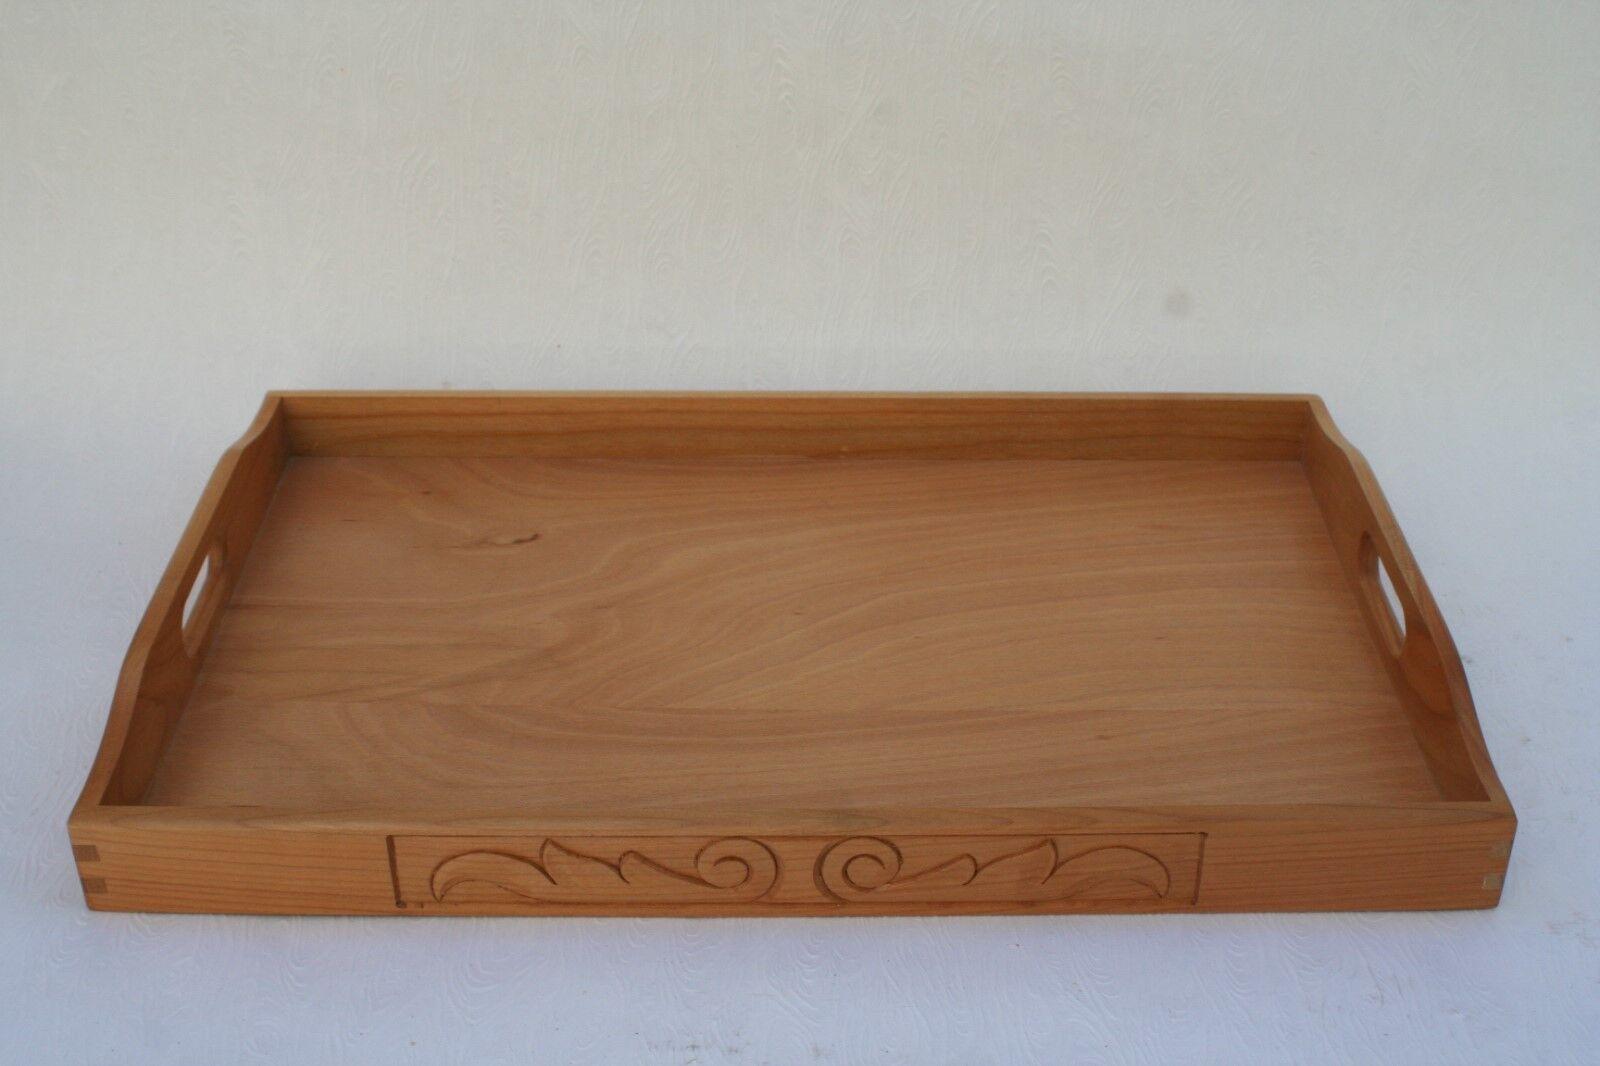 Serviertablett Holztablett Servierplatte Tablett Holz geschnitzt Kirschbaum